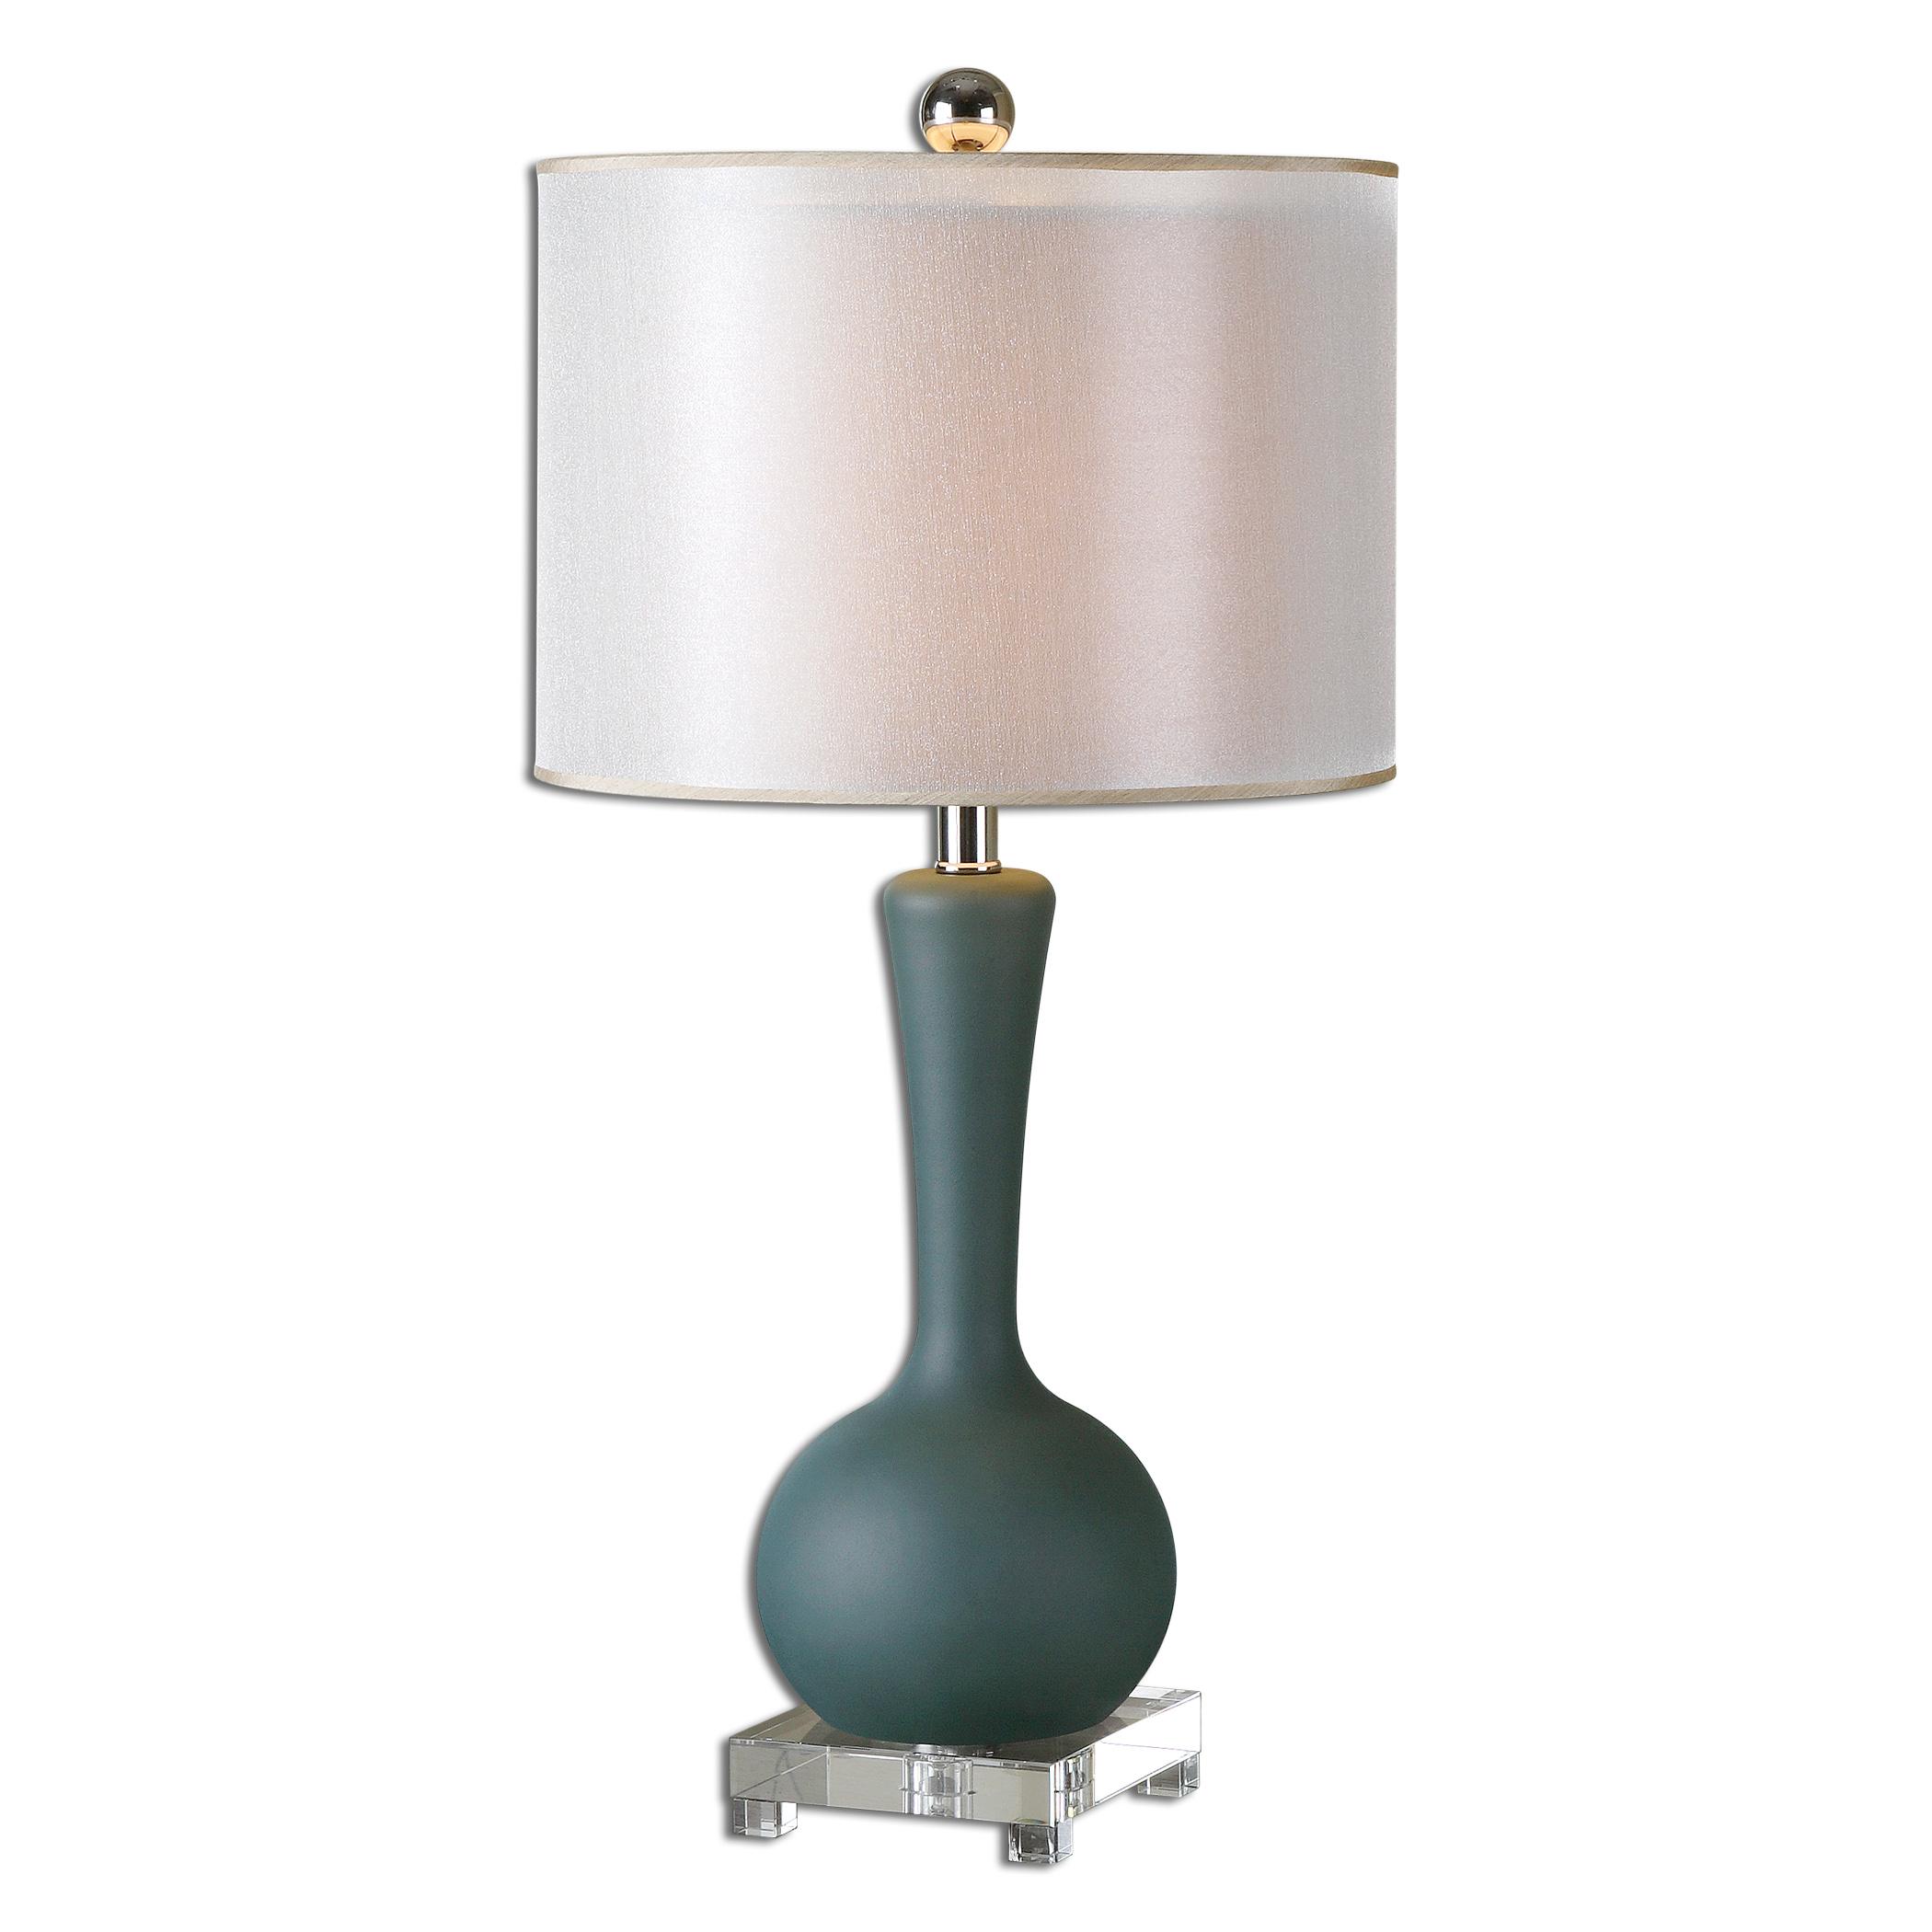 slate table lamp photo - 7